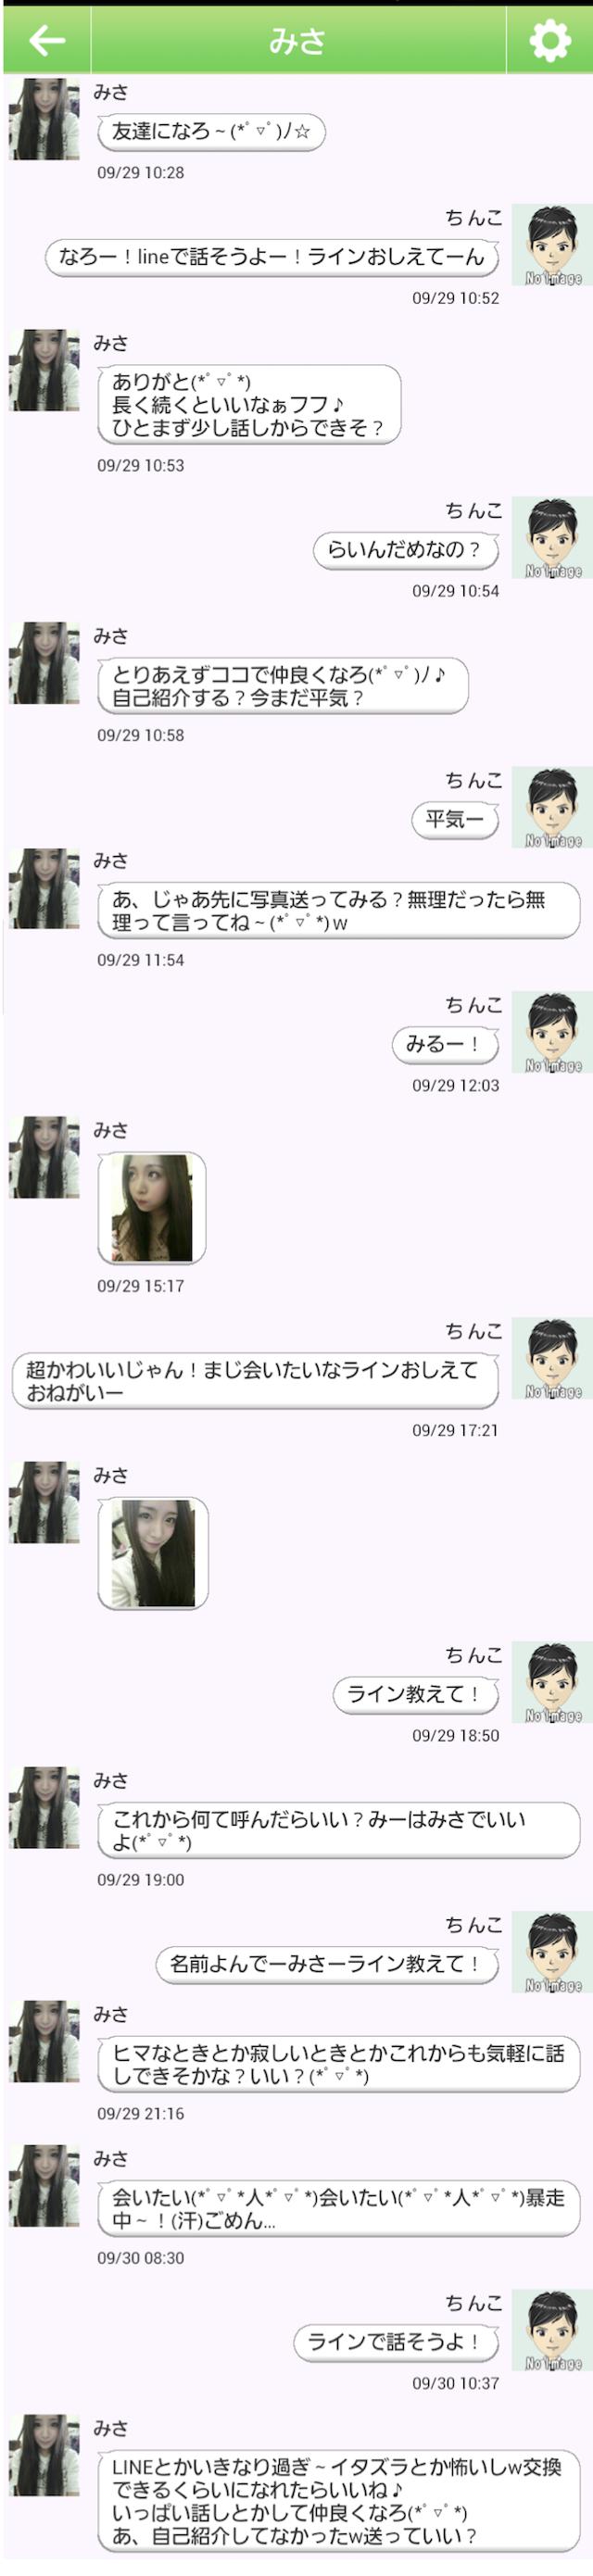 内緒チャット_アプリ6